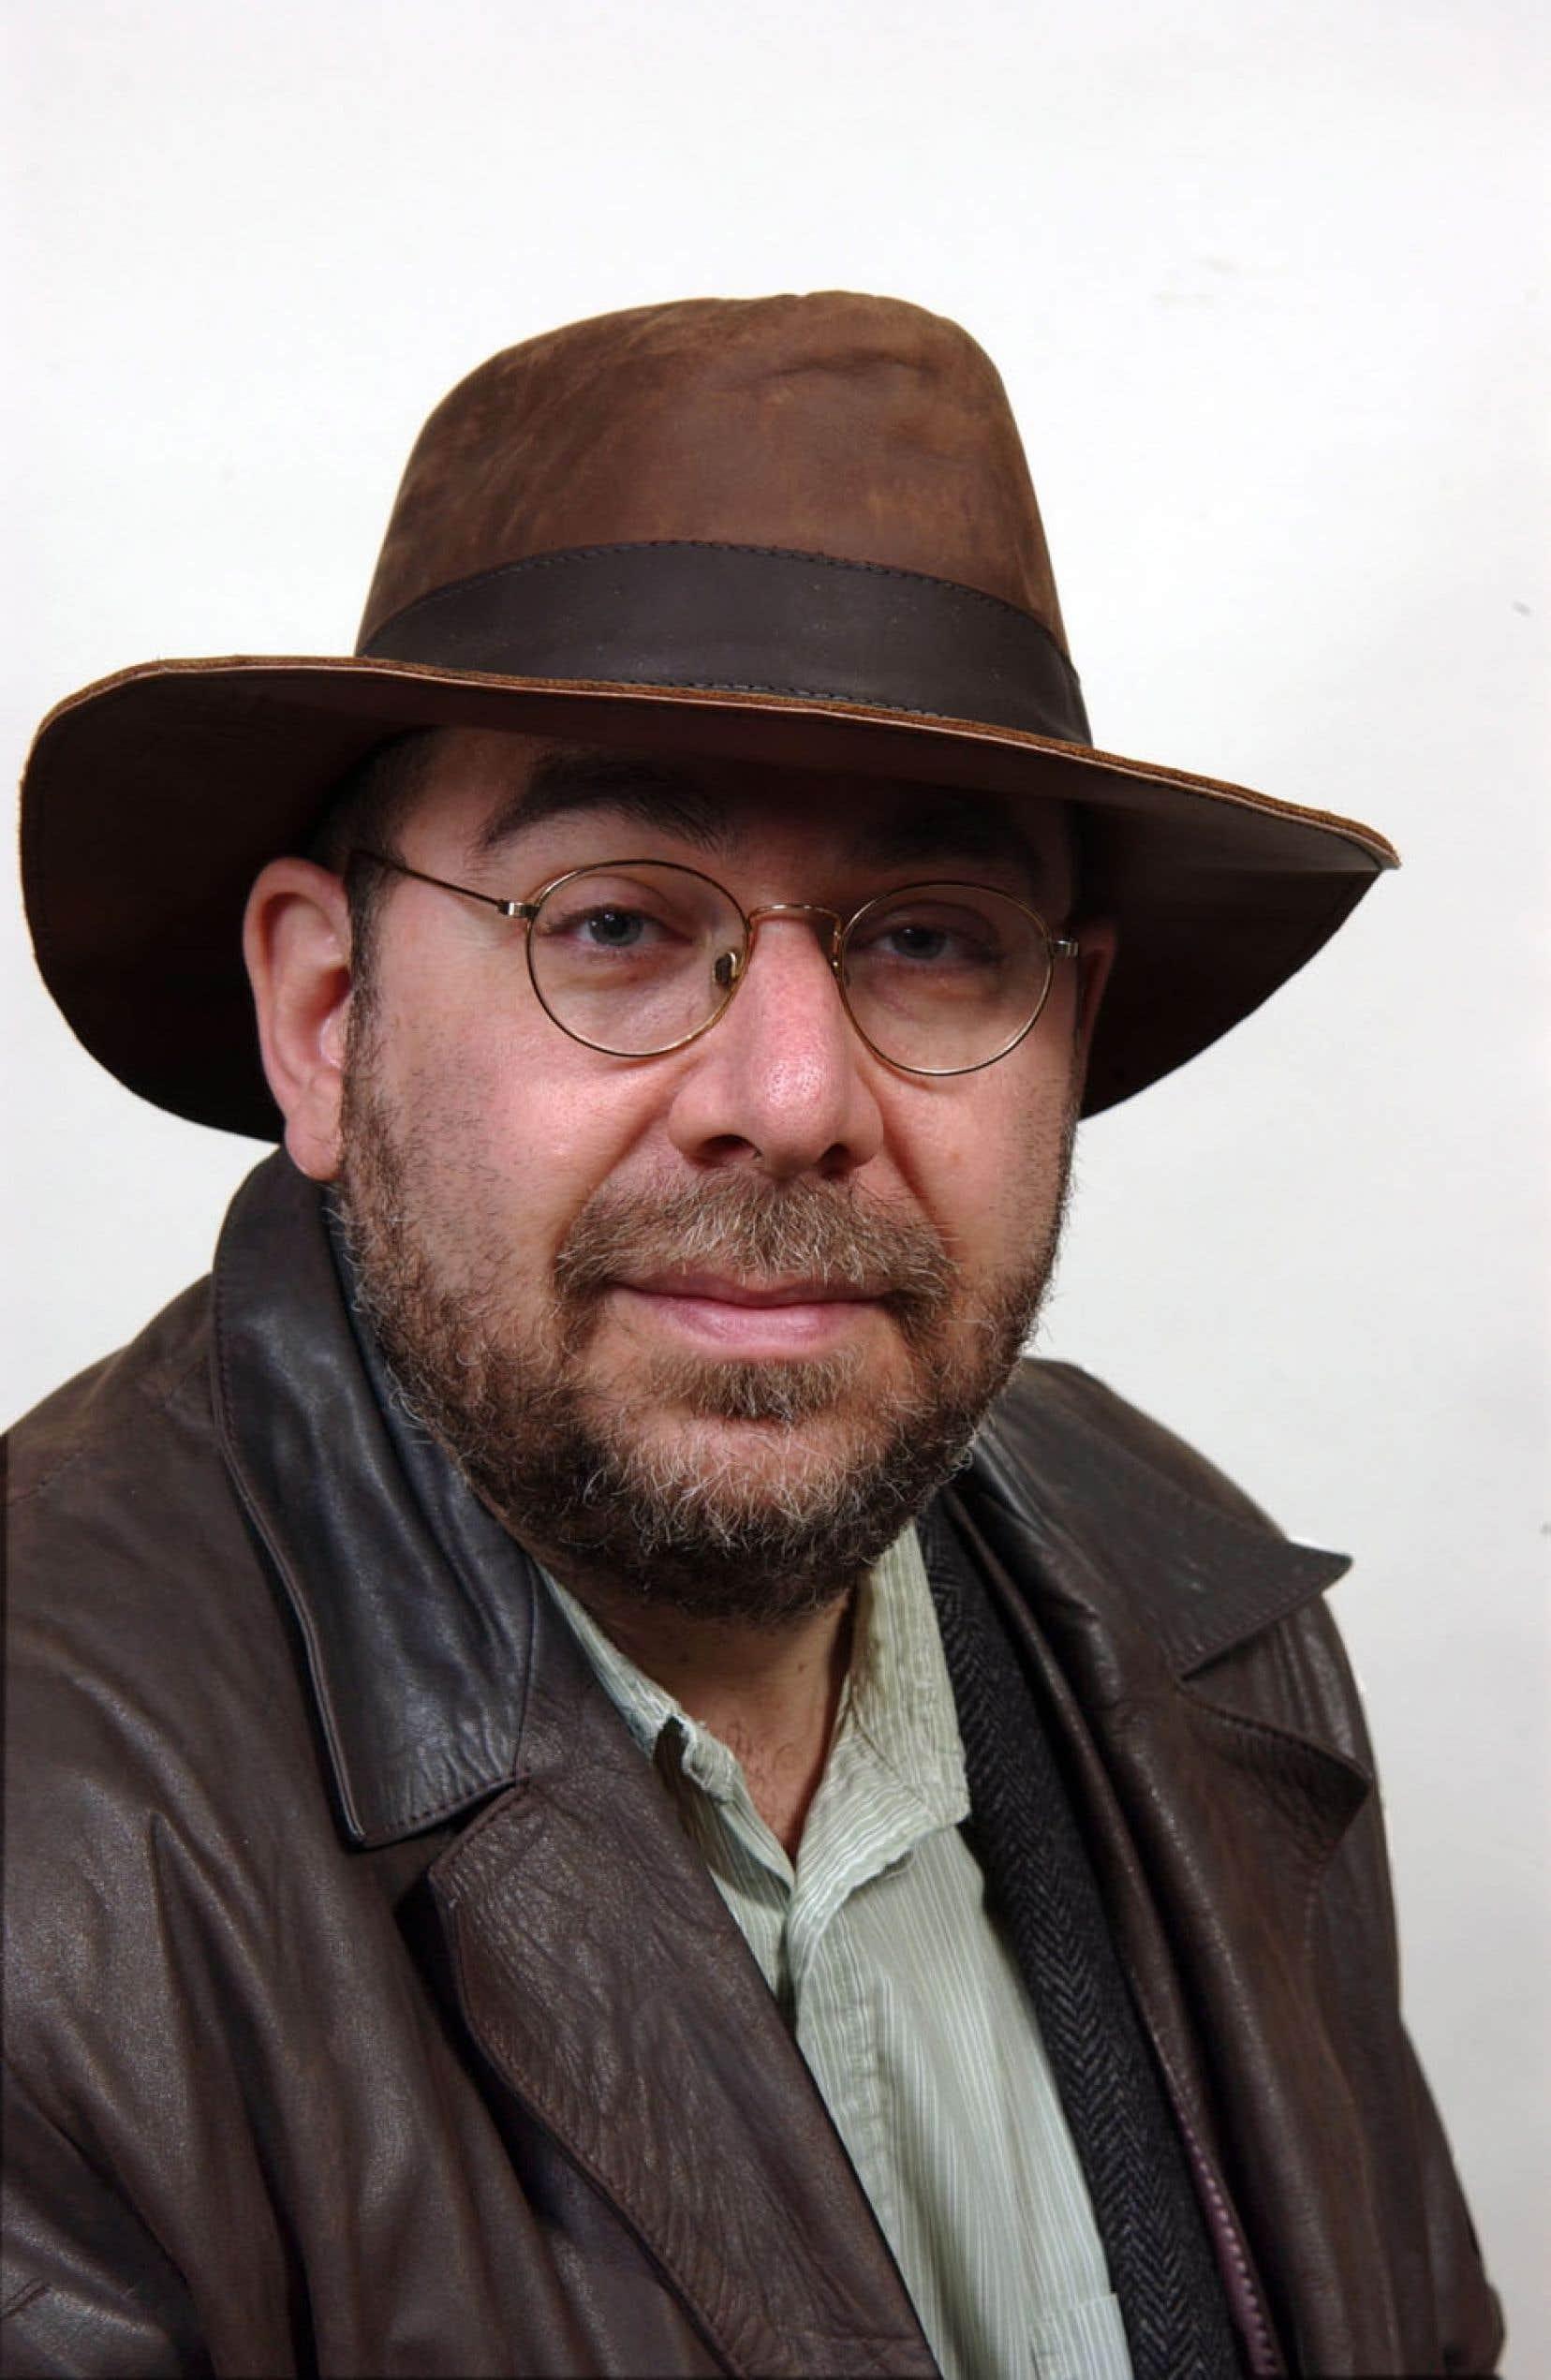 Selon Daniel Weinstock, la «dé-ethnicisation» de l'anglais pose des défis à la communauté anglophone de Montréal.